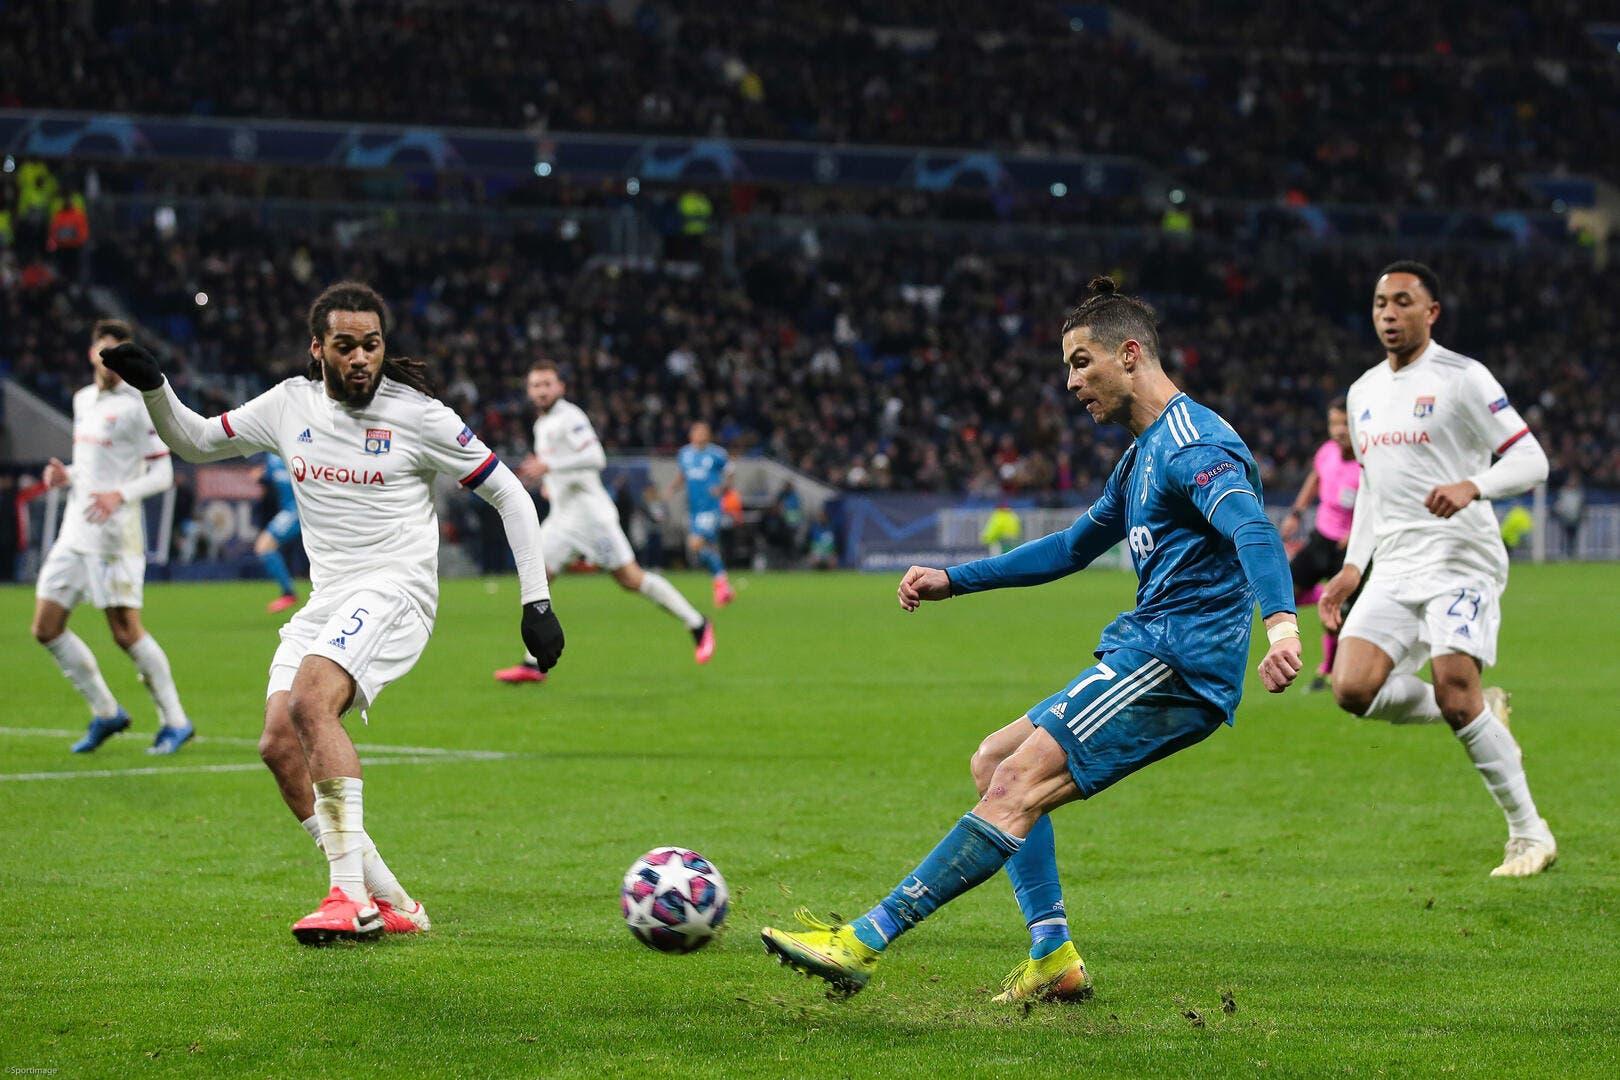 OL : Lyon-Juventus, et soudain un terrible doute !